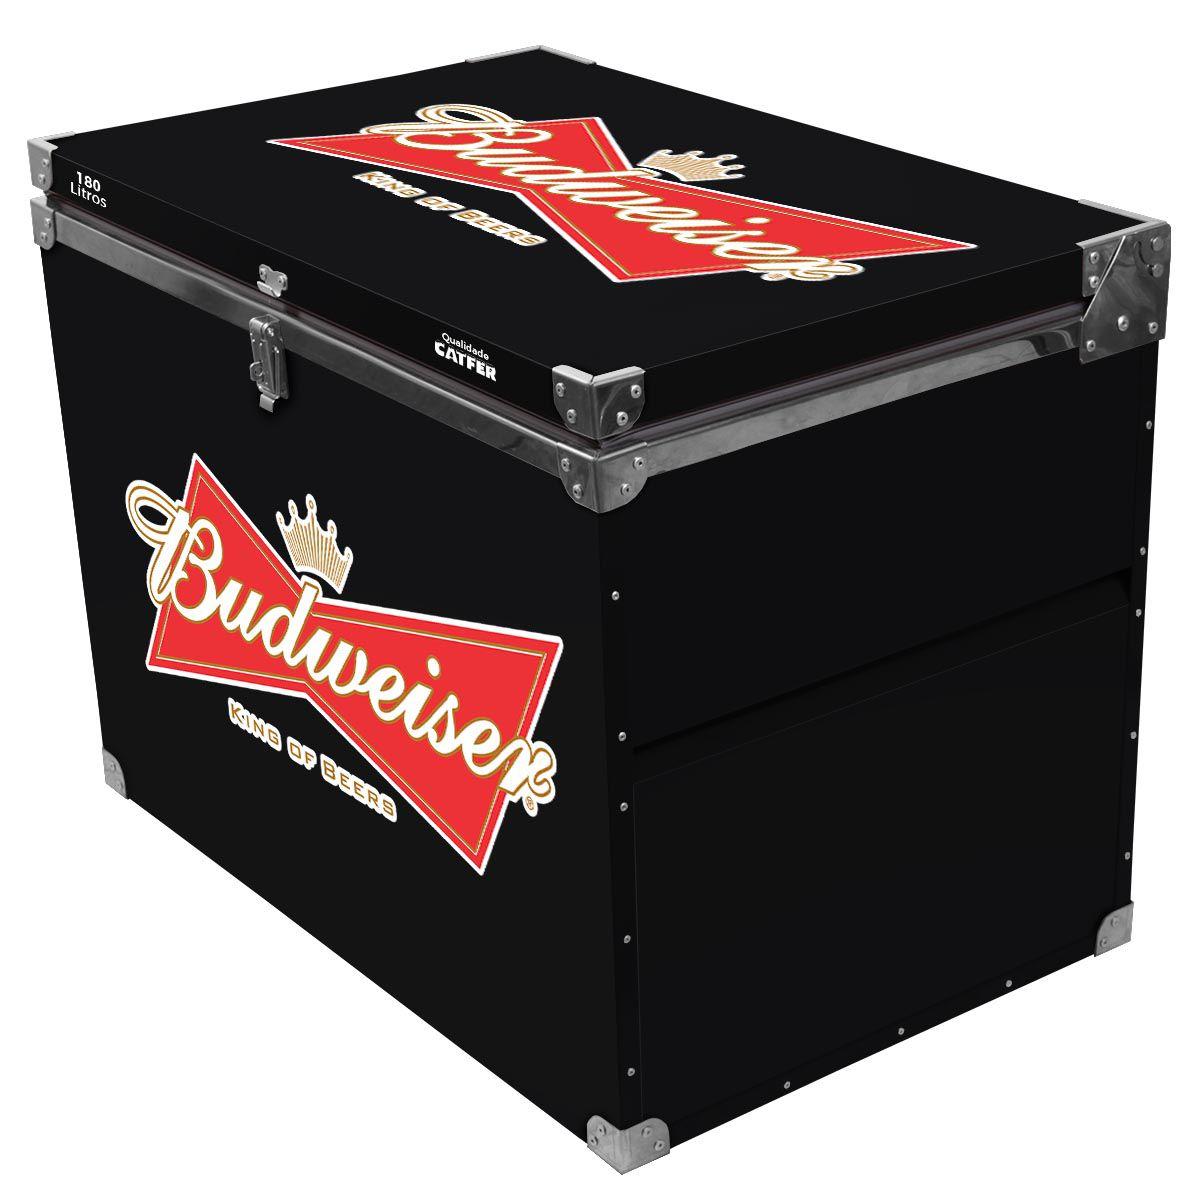 Caixa Térmica 180 Litros Budweiser